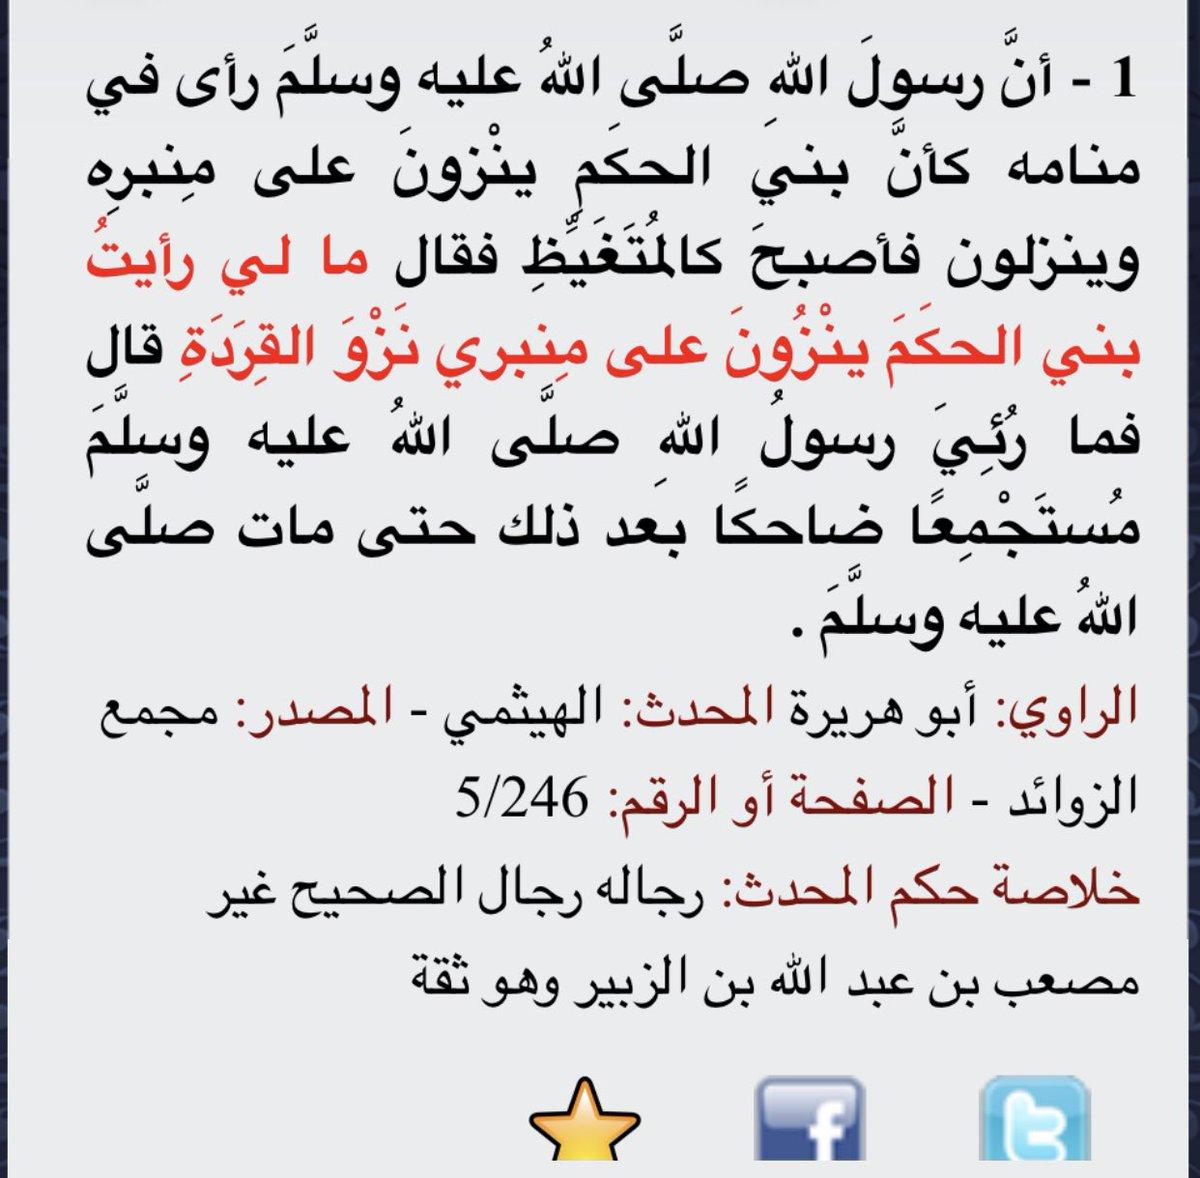 photo_1300019492697698314